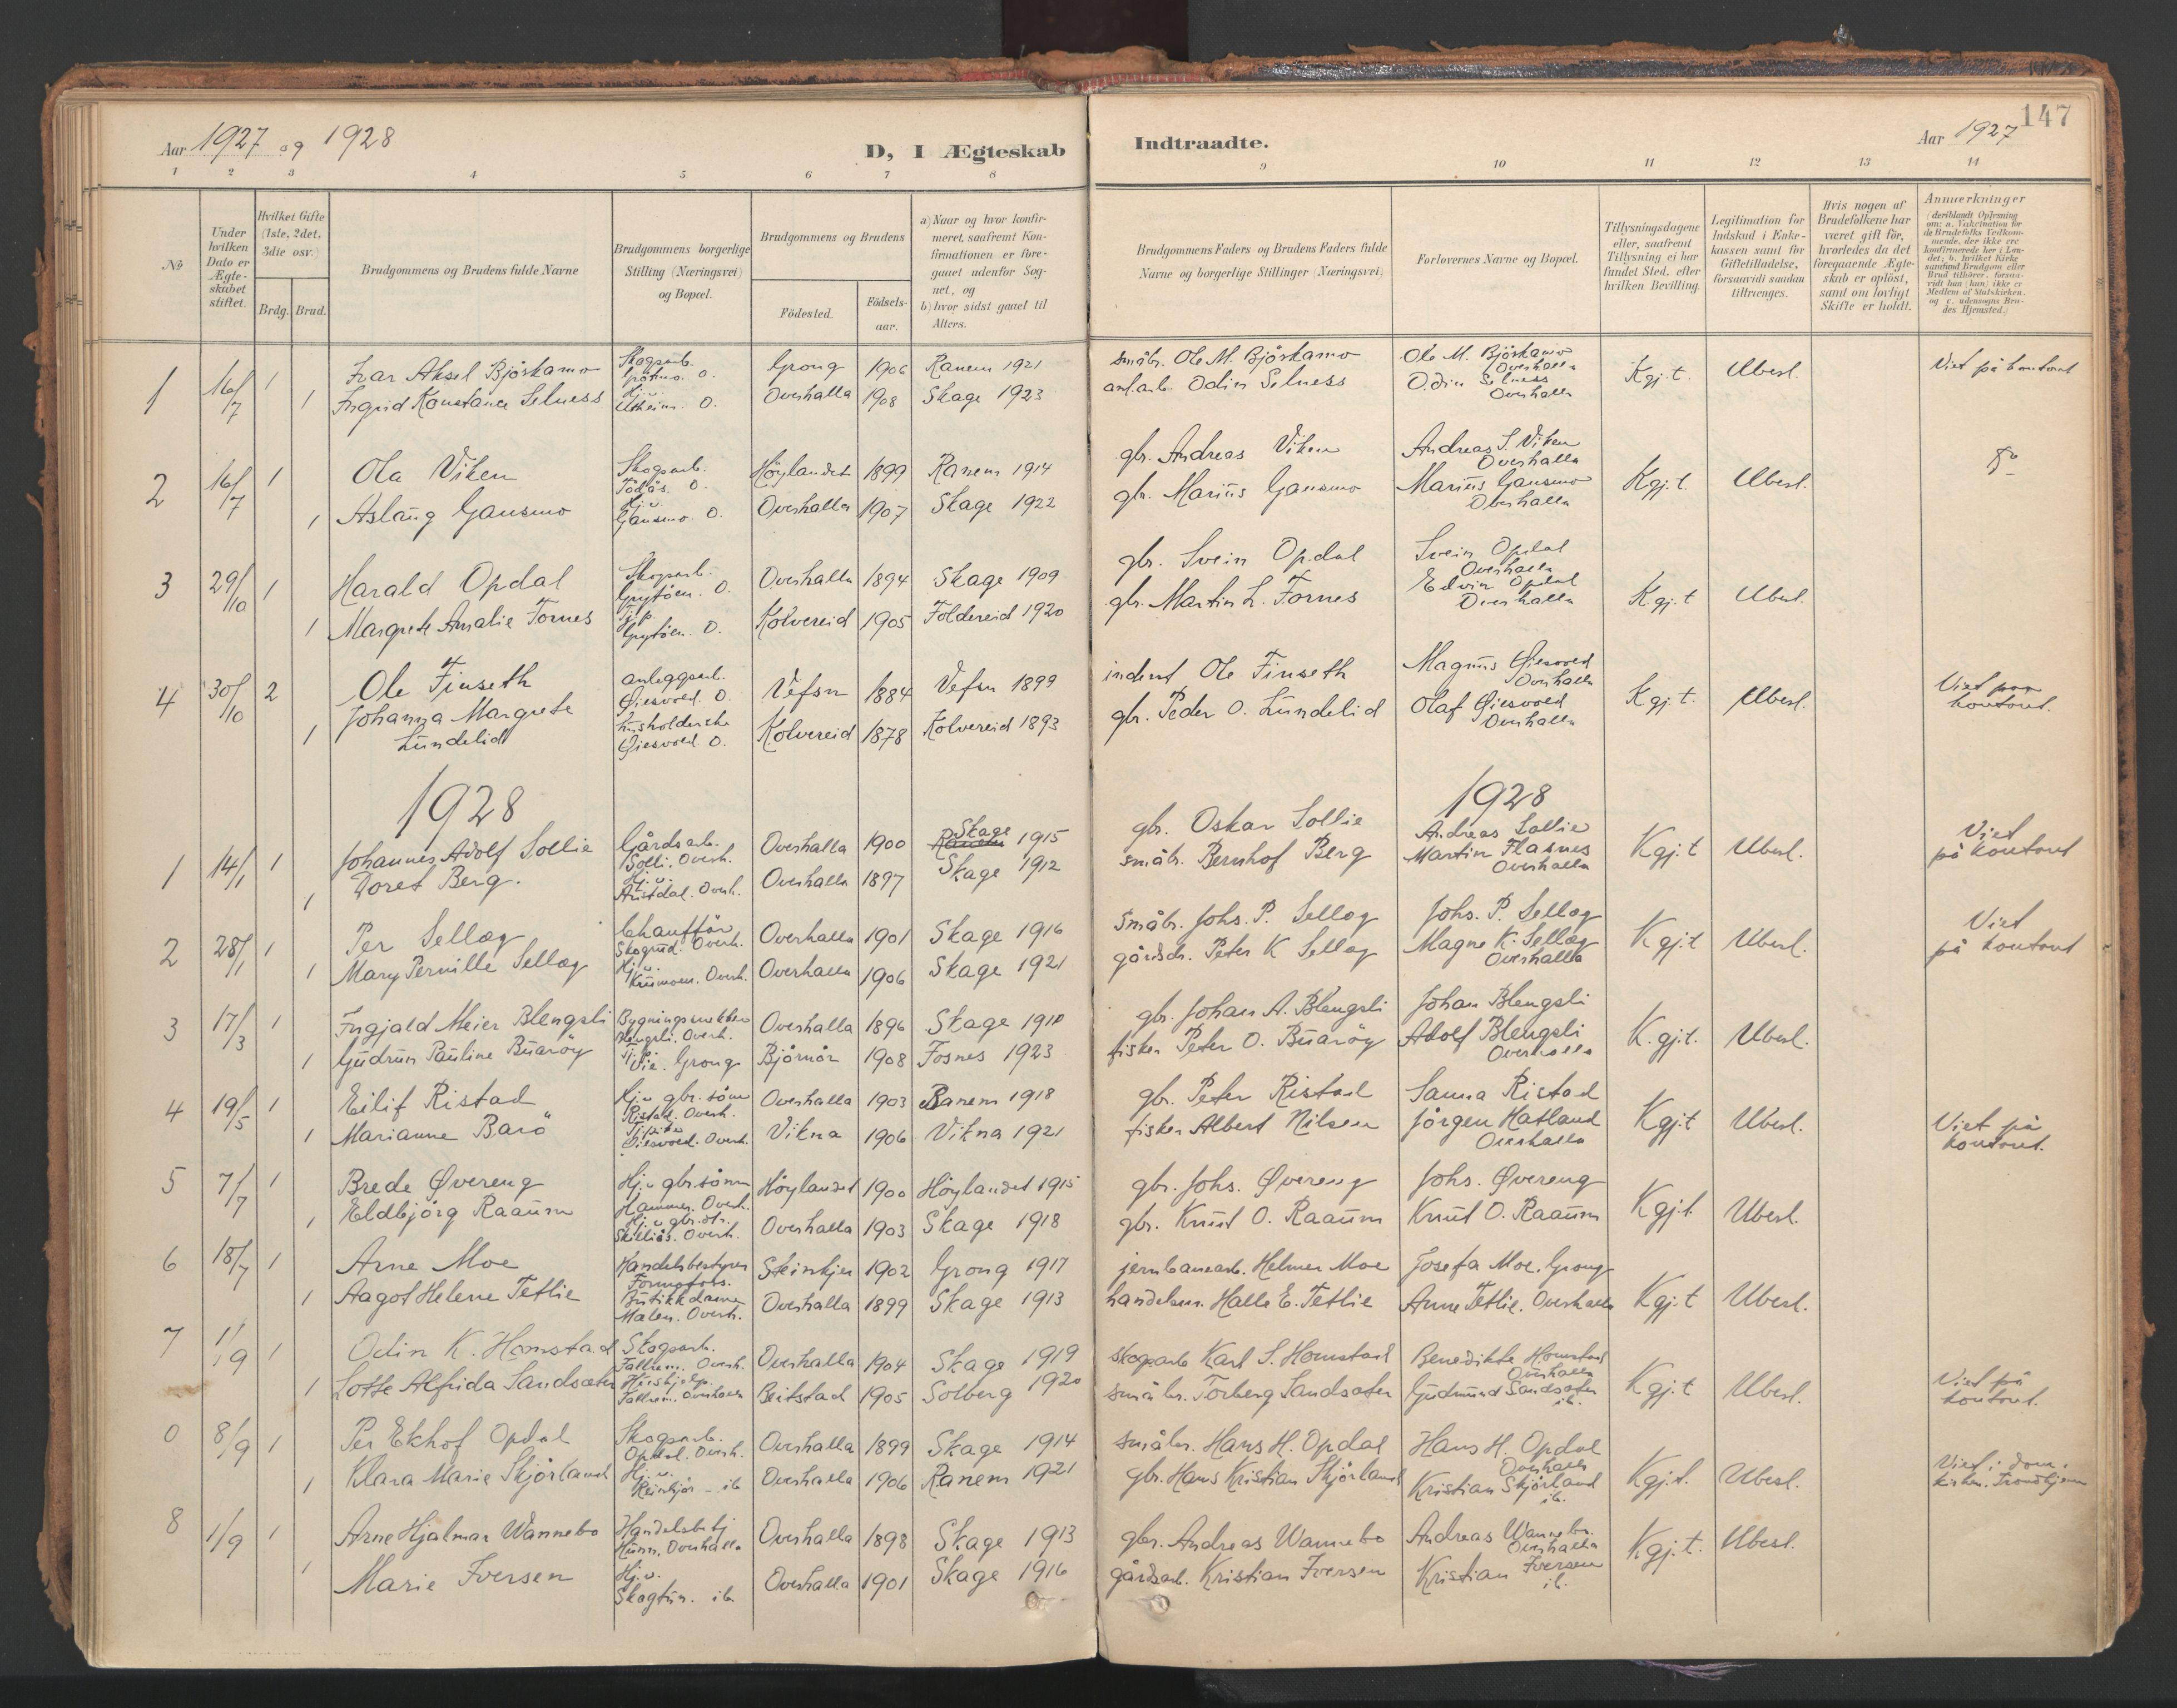 SAT, Ministerialprotokoller, klokkerbøker og fødselsregistre - Nord-Trøndelag, 766/L0564: Ministerialbok nr. 767A02, 1900-1932, s. 147